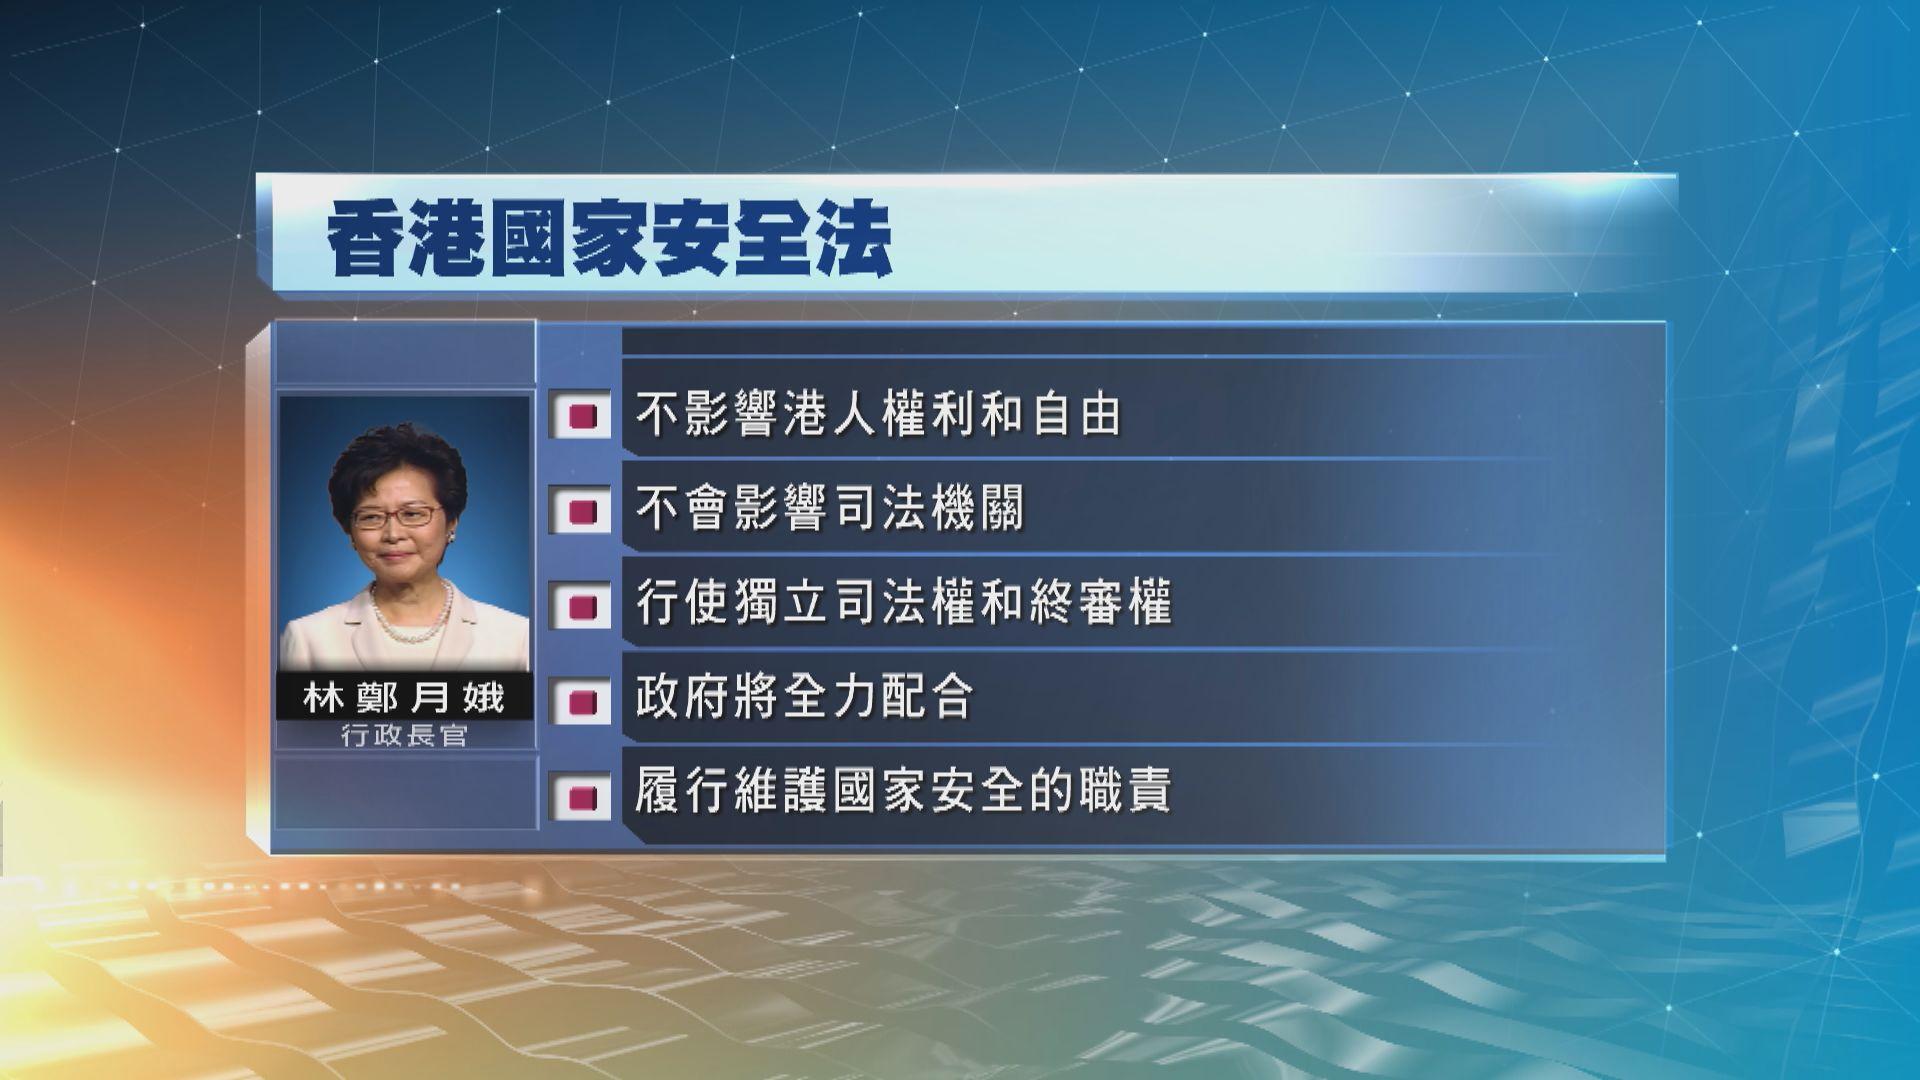 林鄭:港府將全力配合人大常委會盡快完成國安法立法